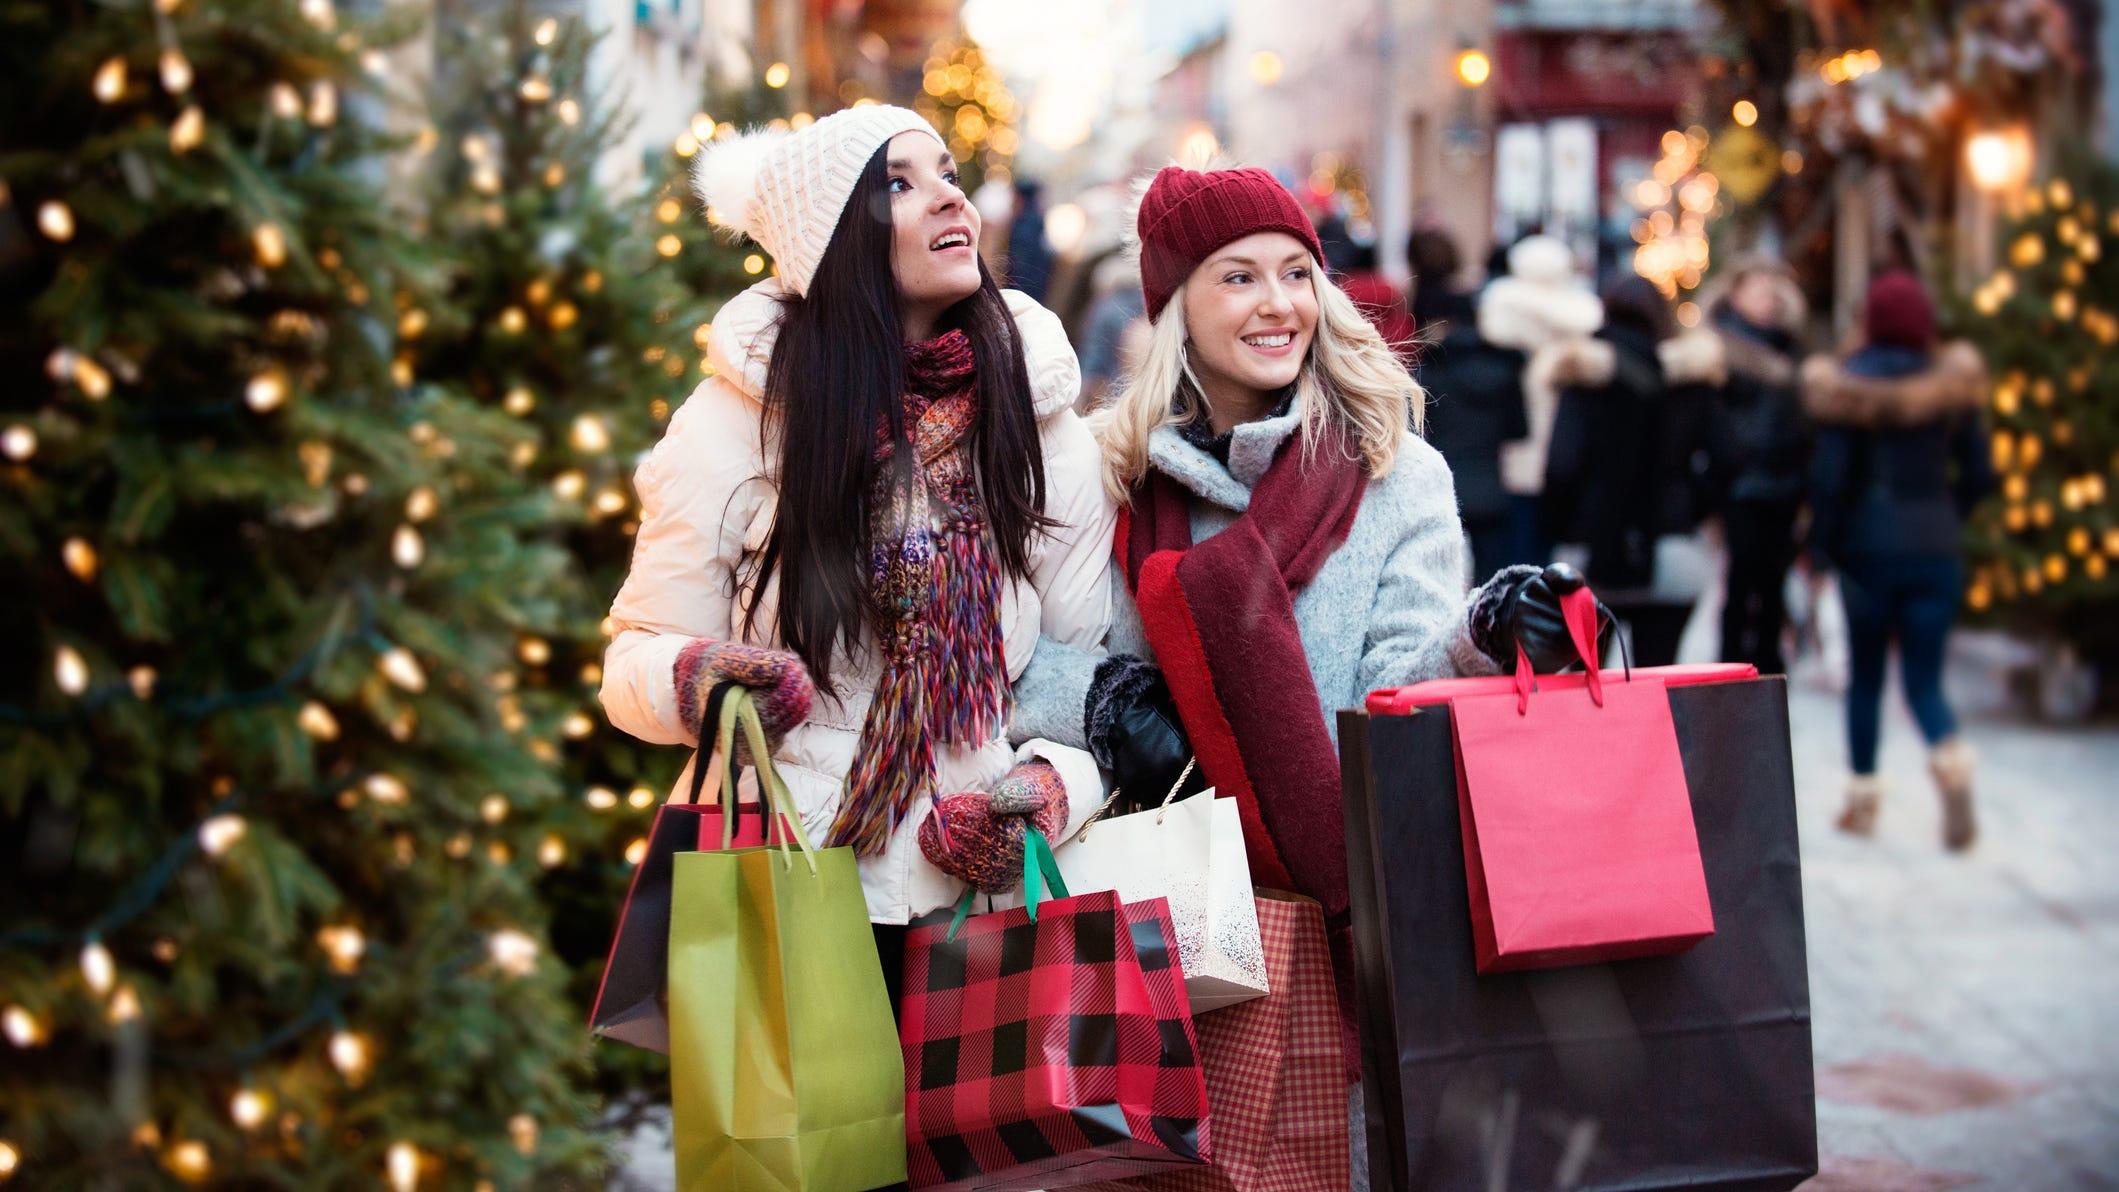 3 tips to avoid overspending on Black Friday